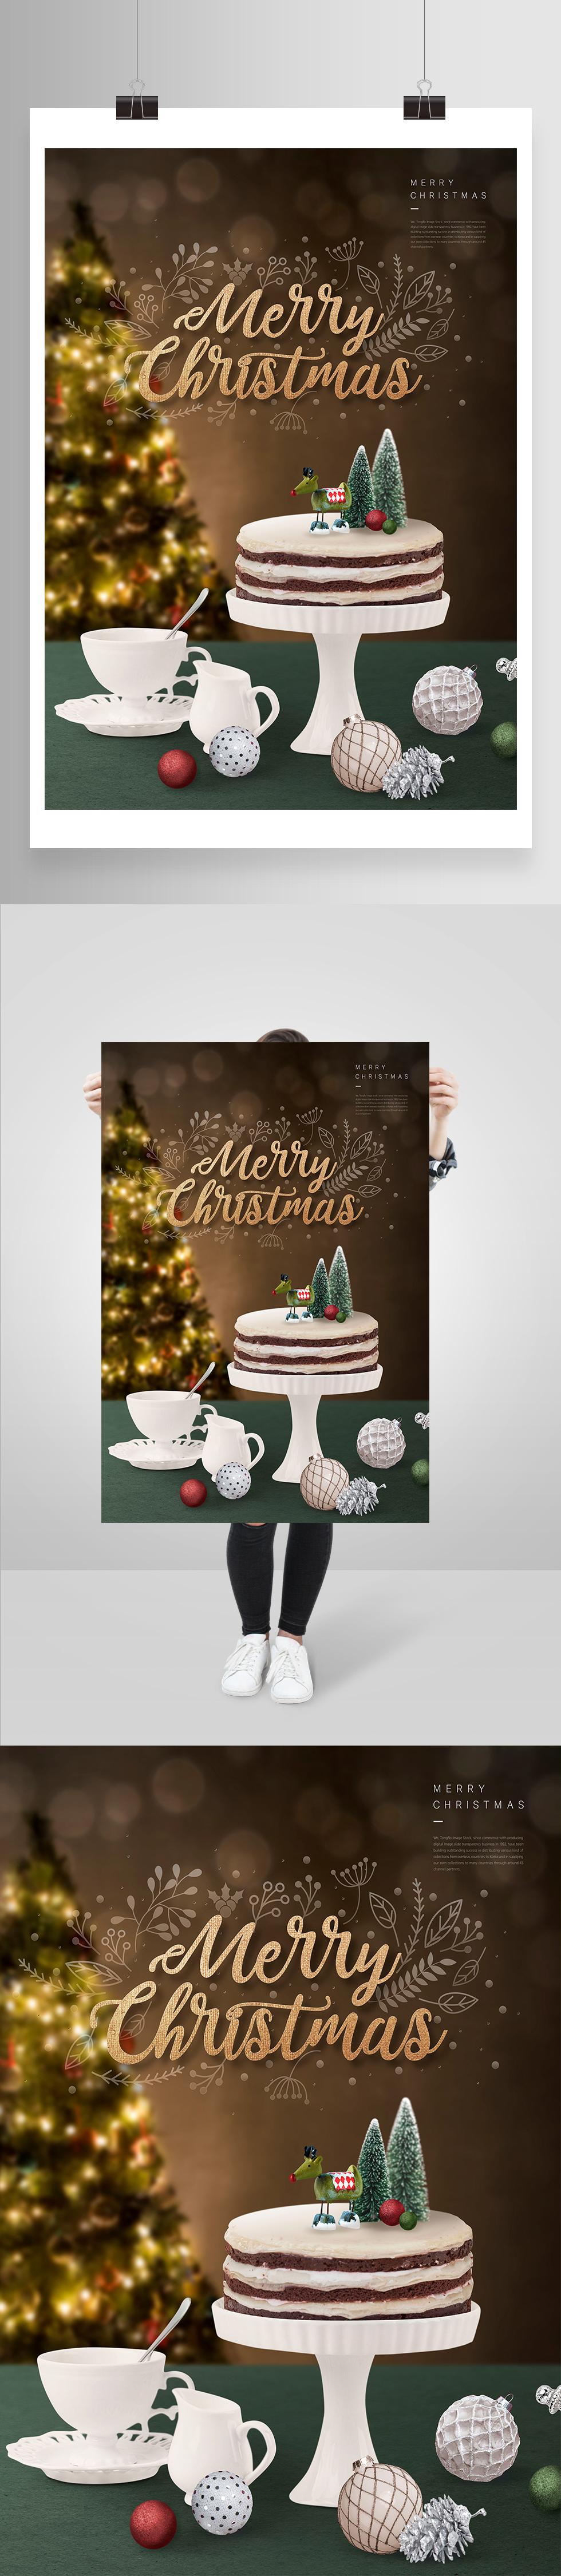 圣诞节海报设计素材